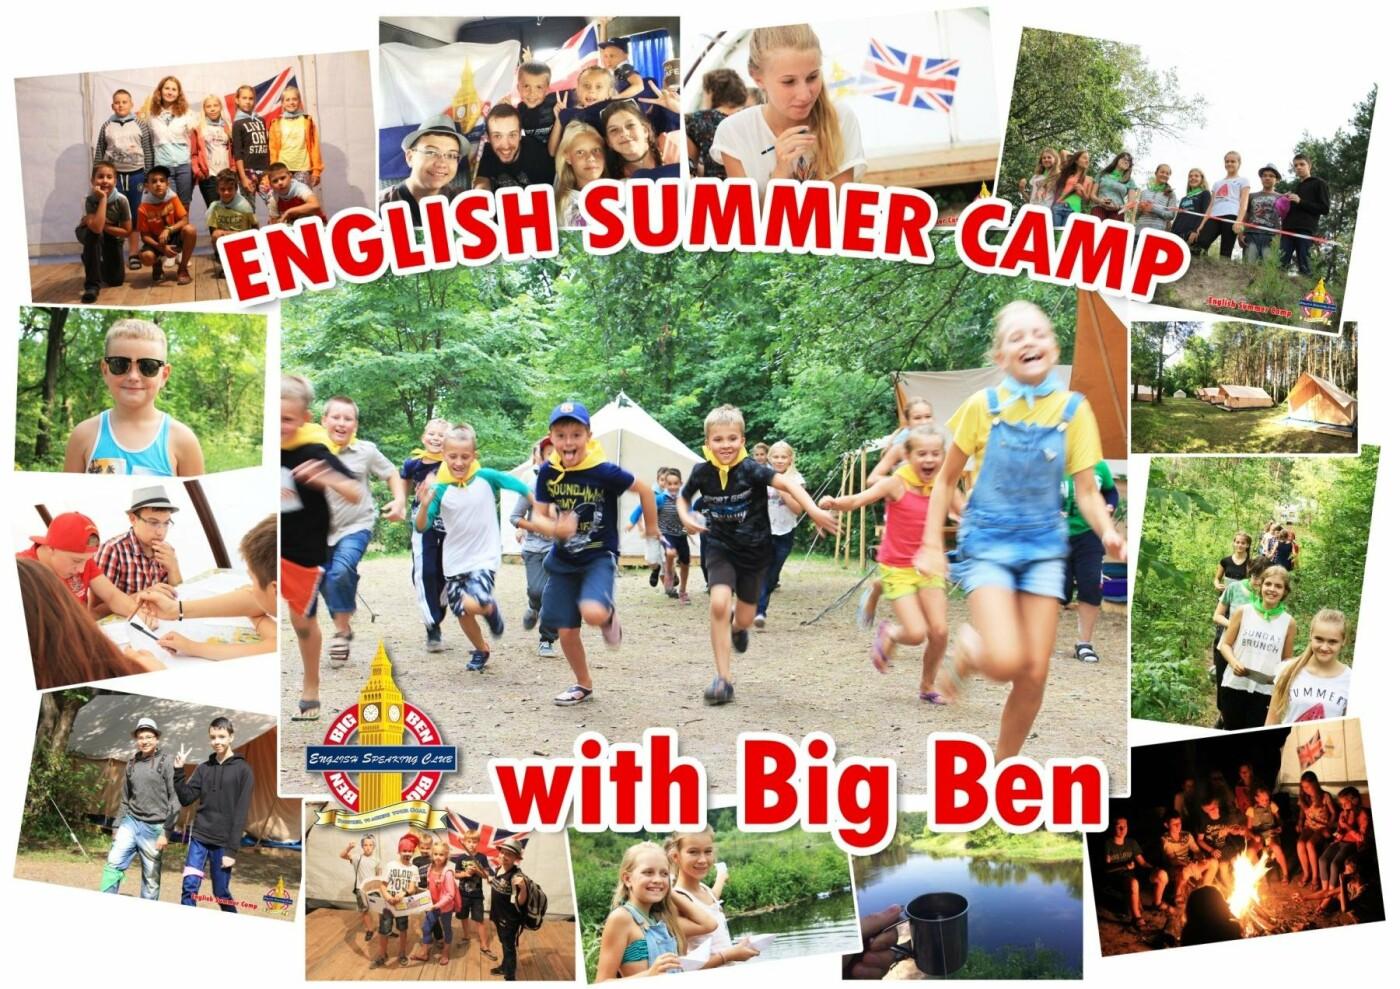 Летний лагерь для детей с английским уклоном: в Мариуполе и в Полтавской области, фото-1